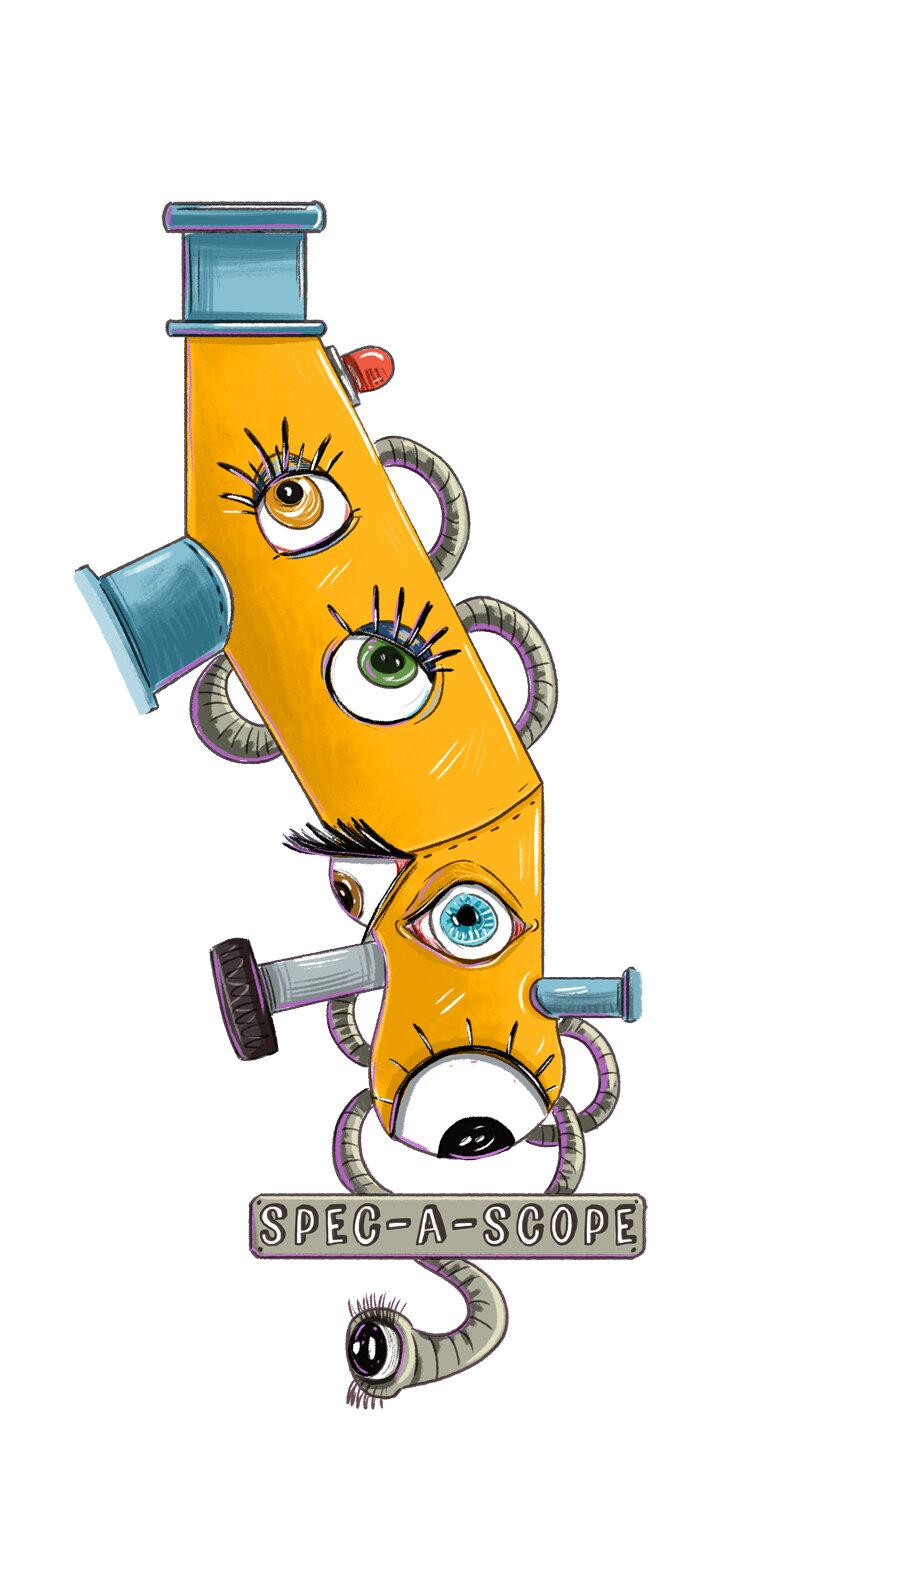 B_specoscope.jpg